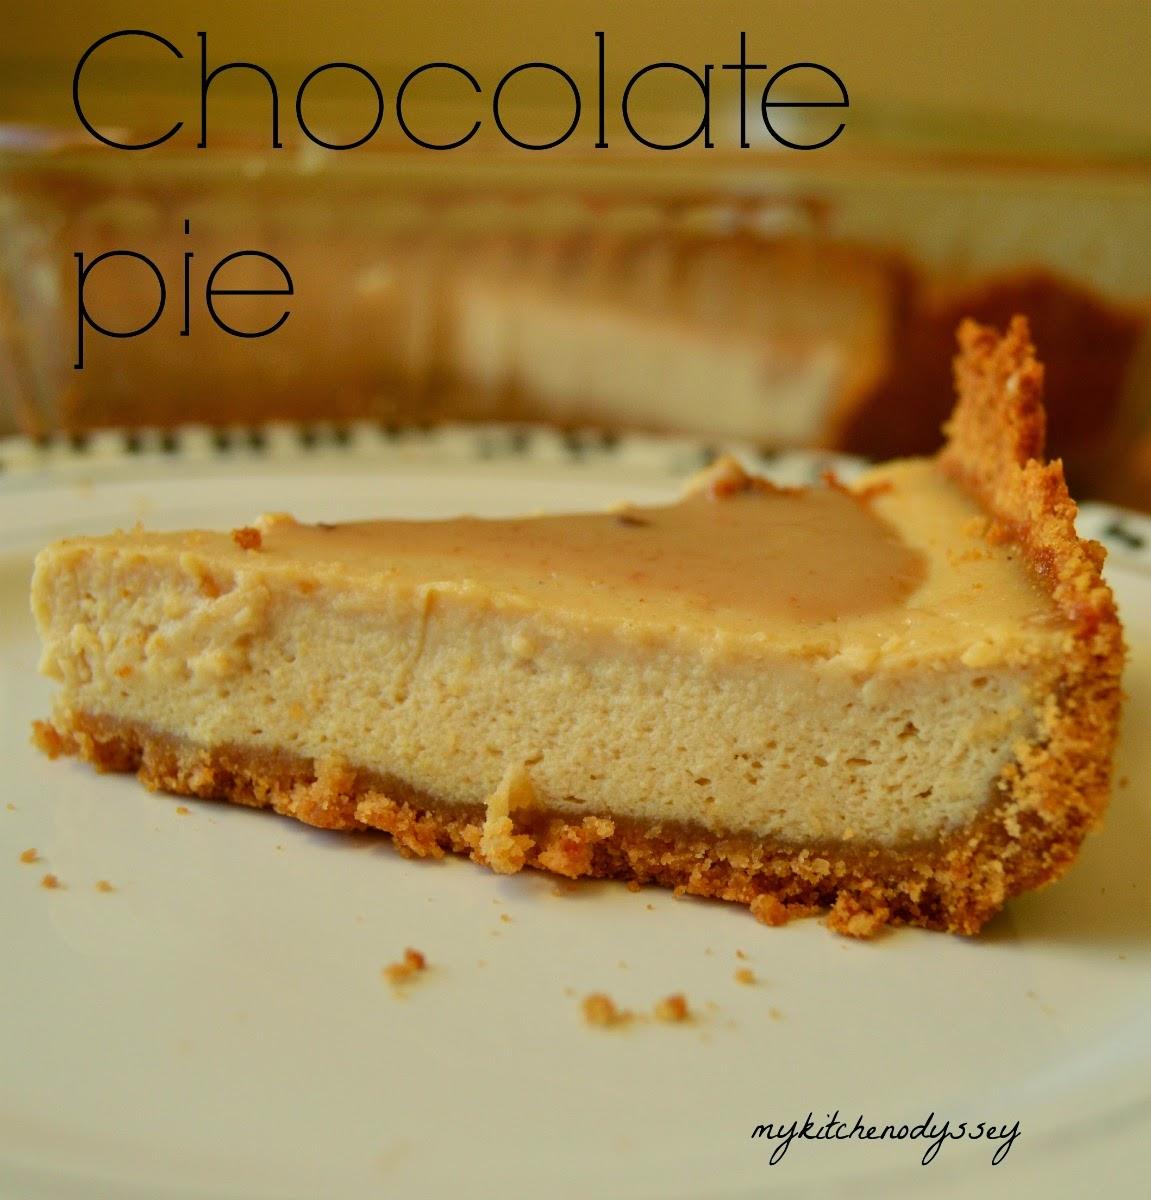 Chocolate Pie|Tofu Chocolate Pie